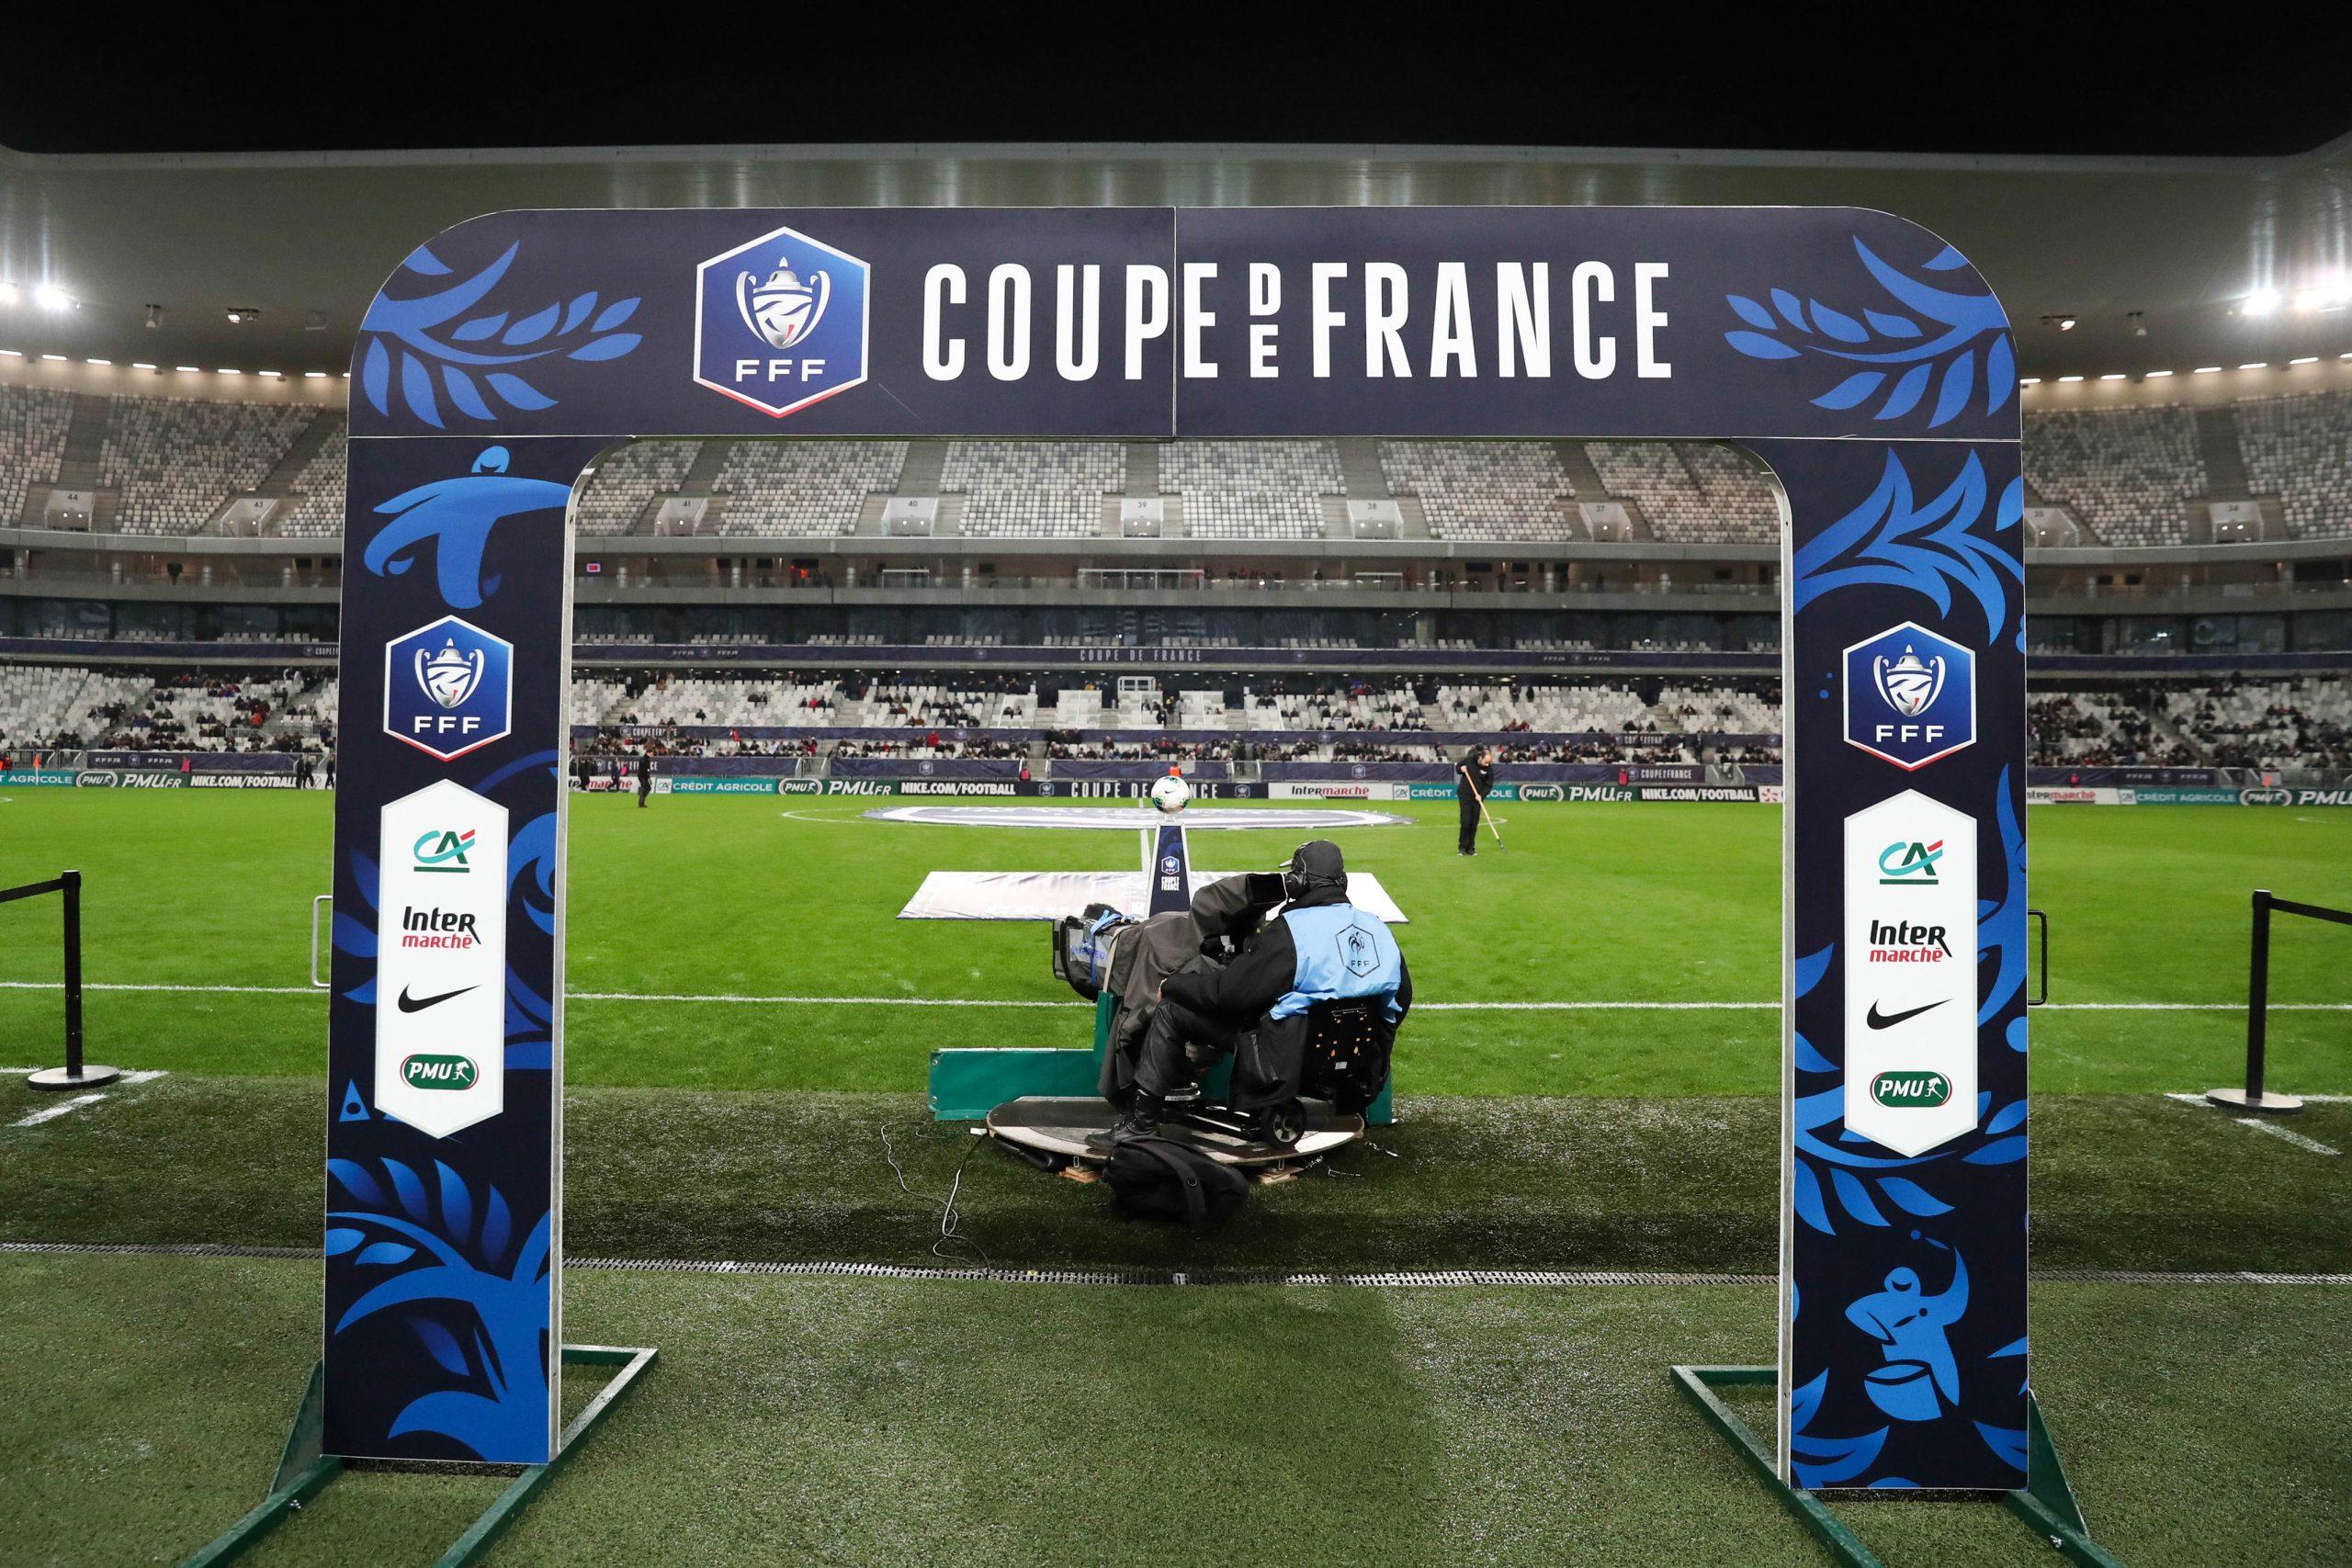 Les dates des finales de Coupe de France et Coupe de la Ligue seraient fixées